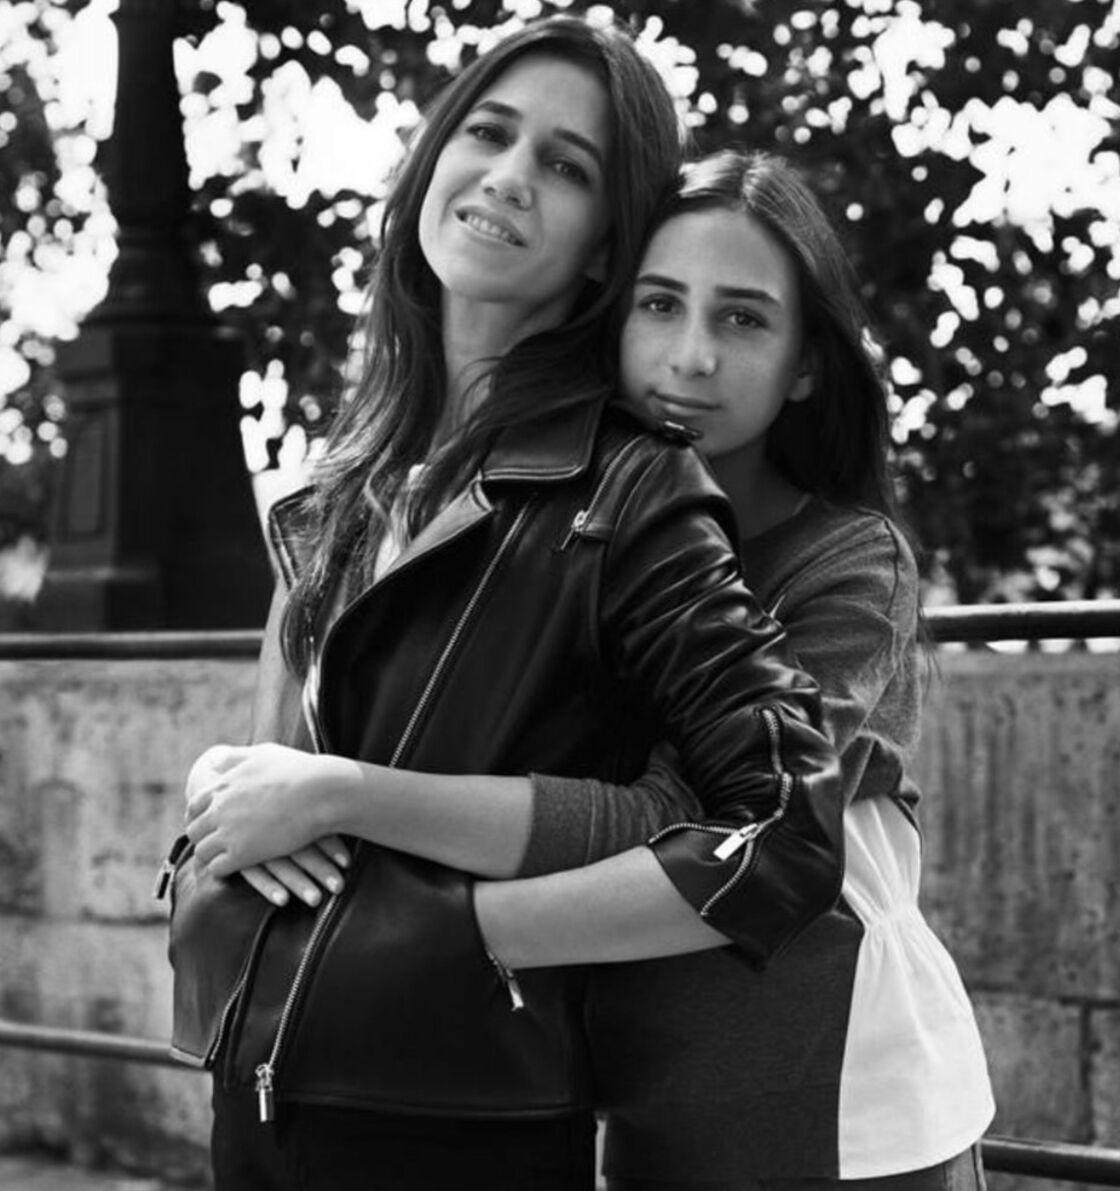 En 2015, Charlotte Gainsbourg et sa fille aînée, Alice, posent ensemble pour Comptoir des Cottoniers.